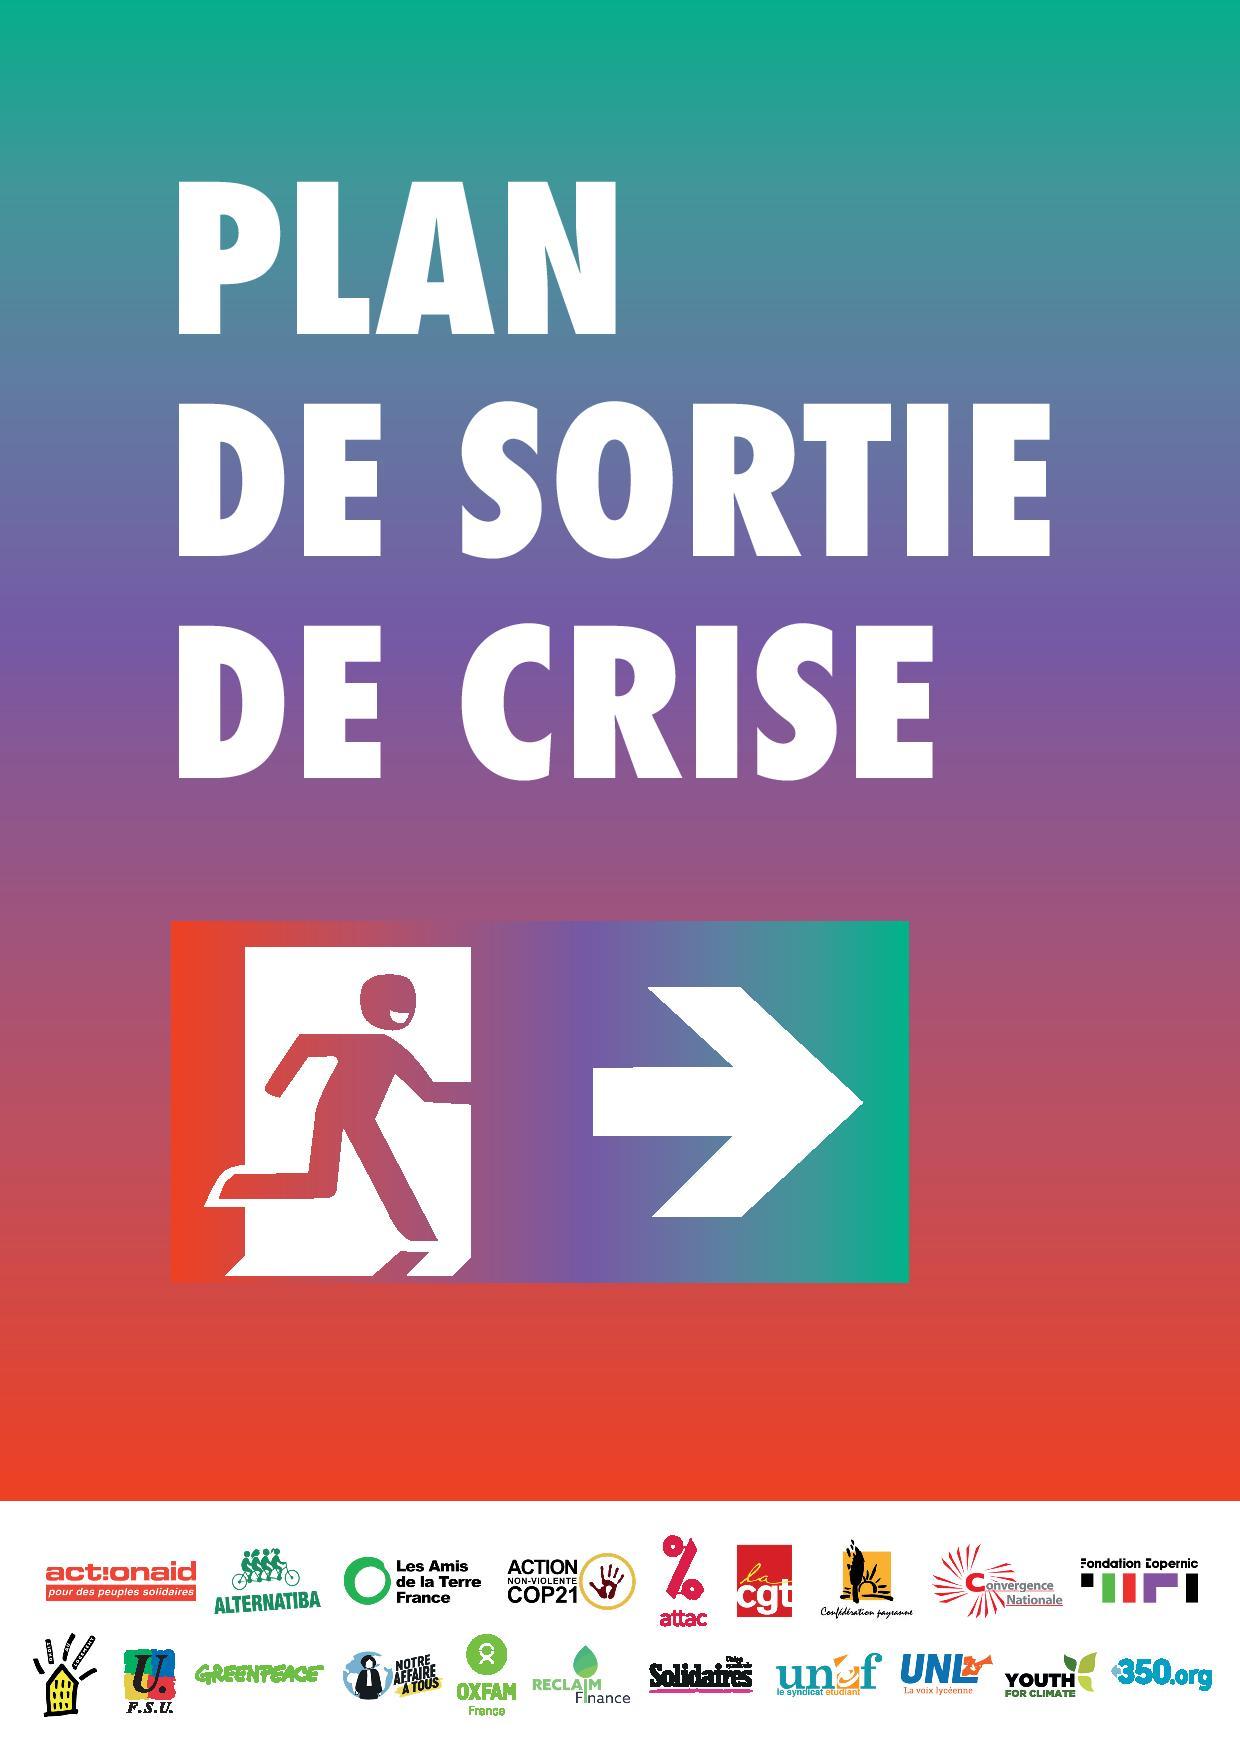 le_plan_de_sortie_de_crise-page-001.jpg